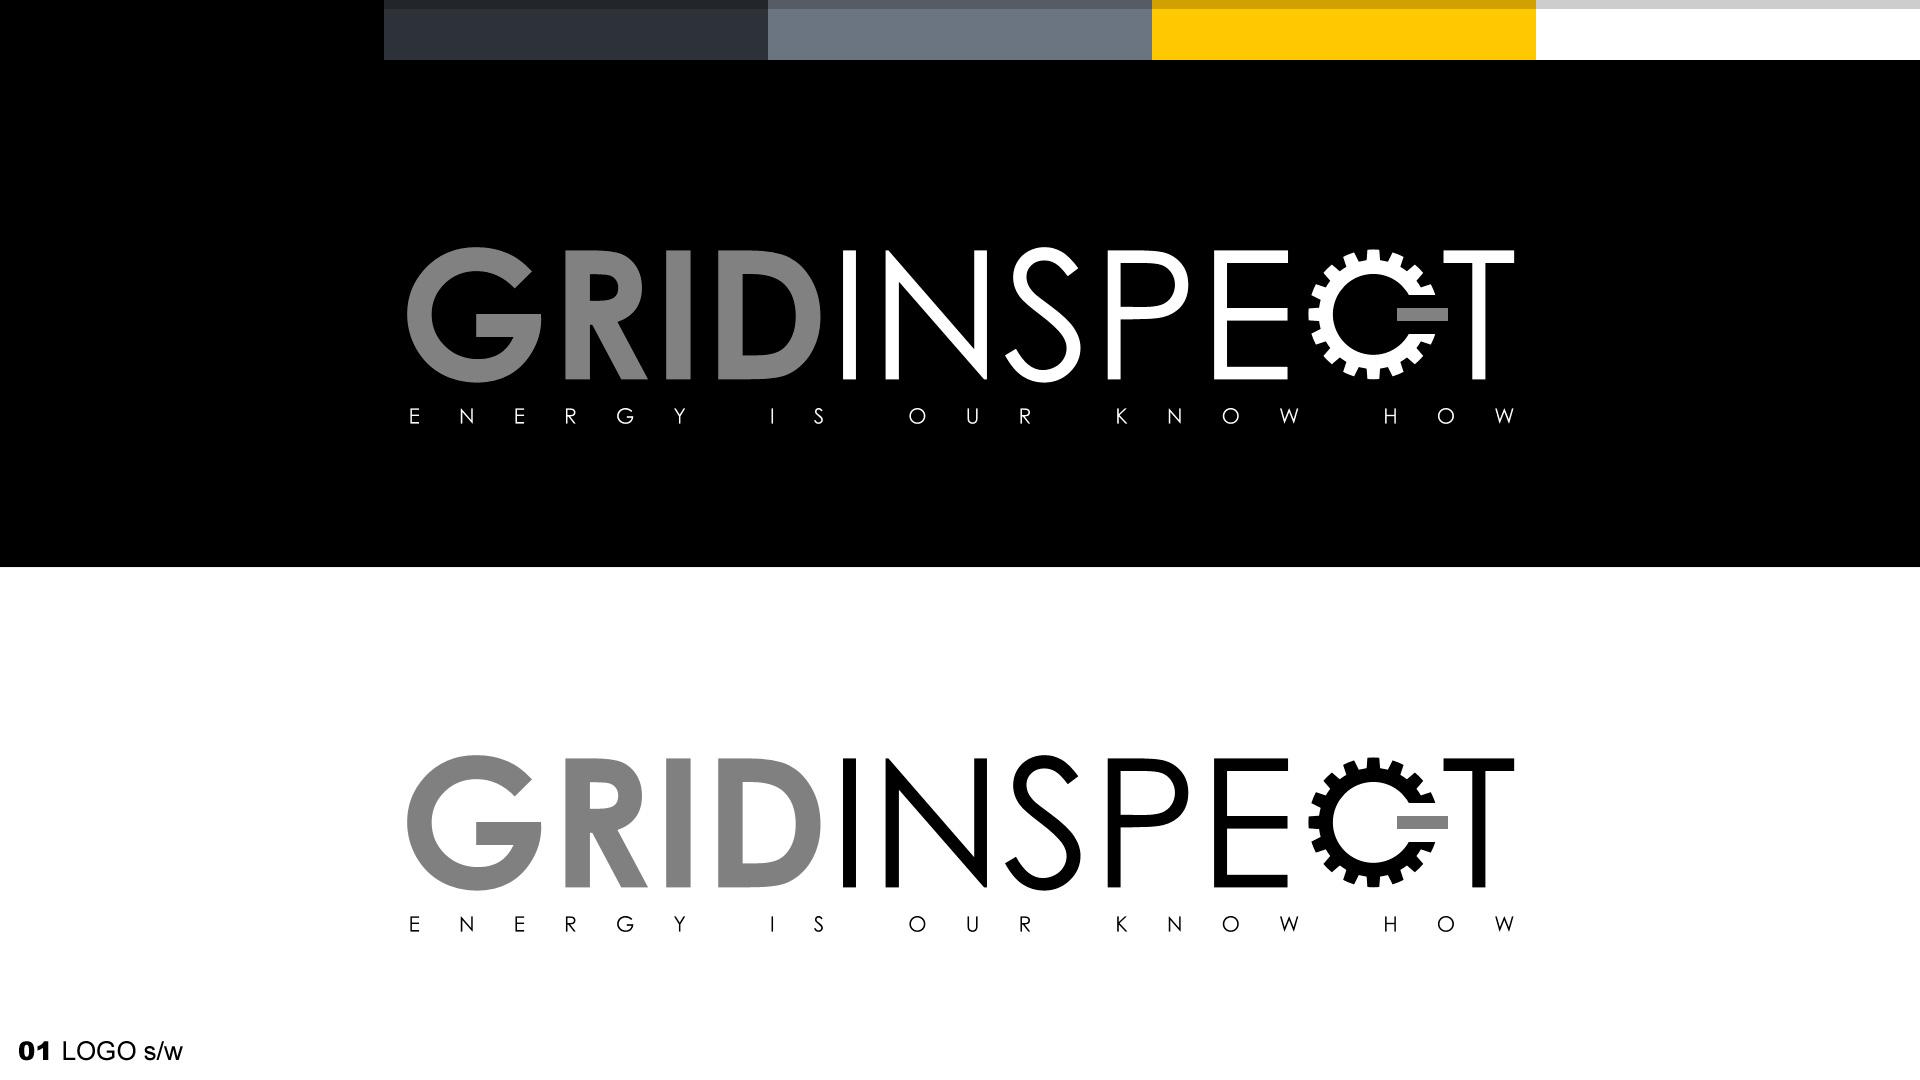 05_gridinspect_ci2013